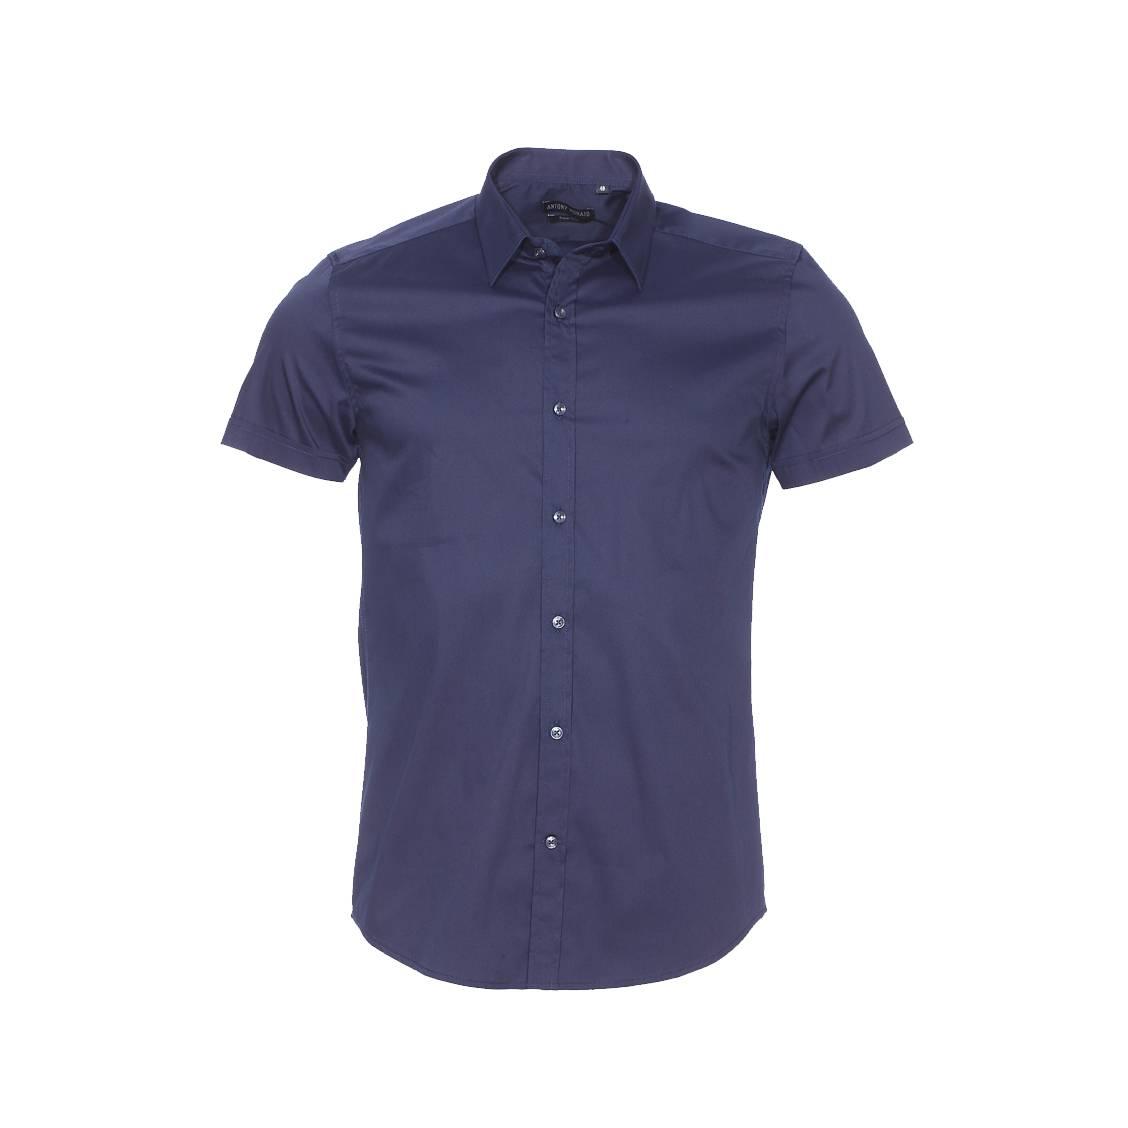 Chemise super slim manches courtes  en coton stretch bleu marine